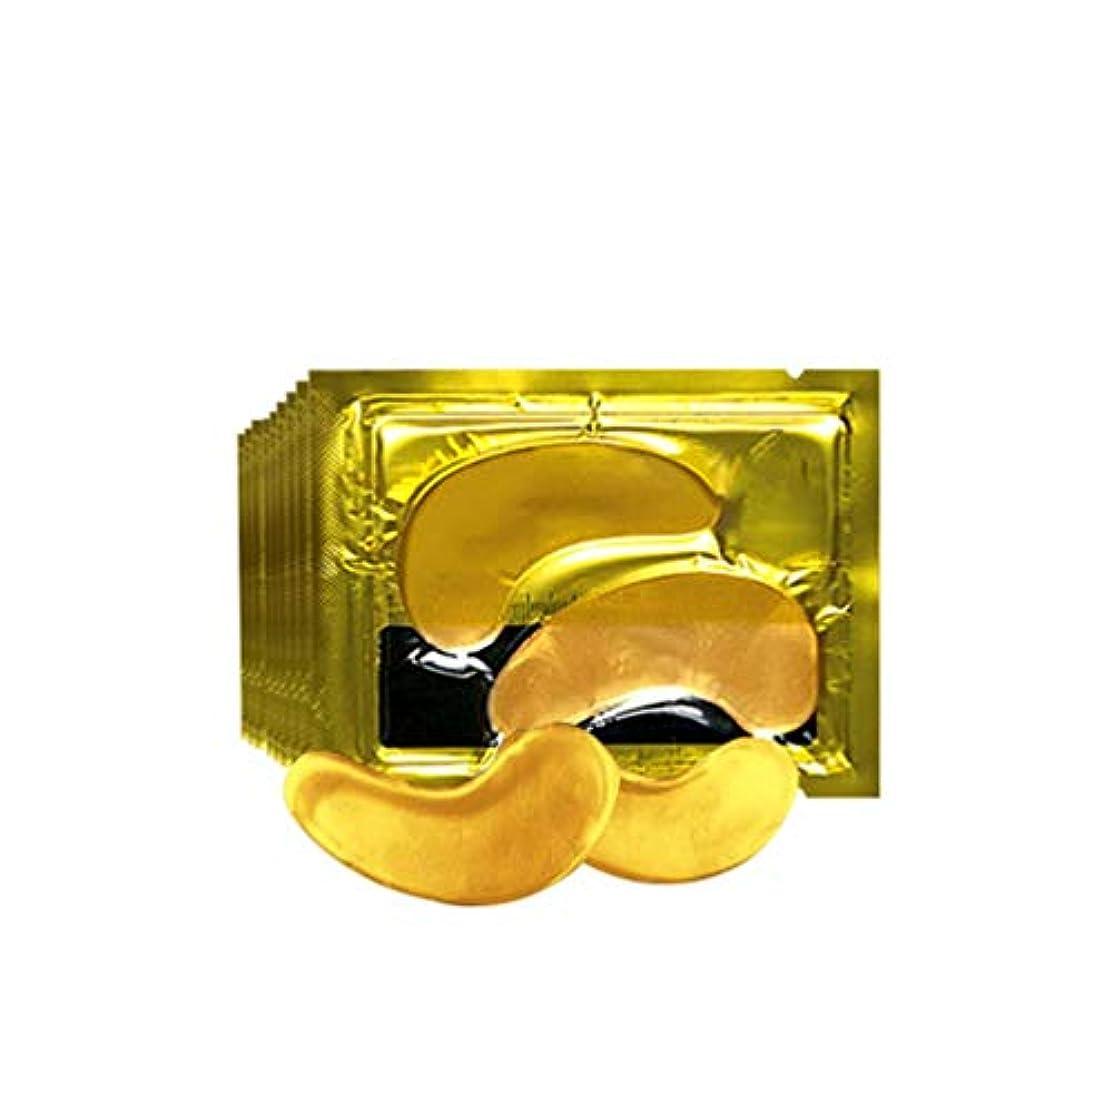 信号語最小化する24Kアイマスク削除ダークサークルアンチシワ保湿アンチエイジングアンチパフアイバッグビューティファーミングアイマスク - イエロー